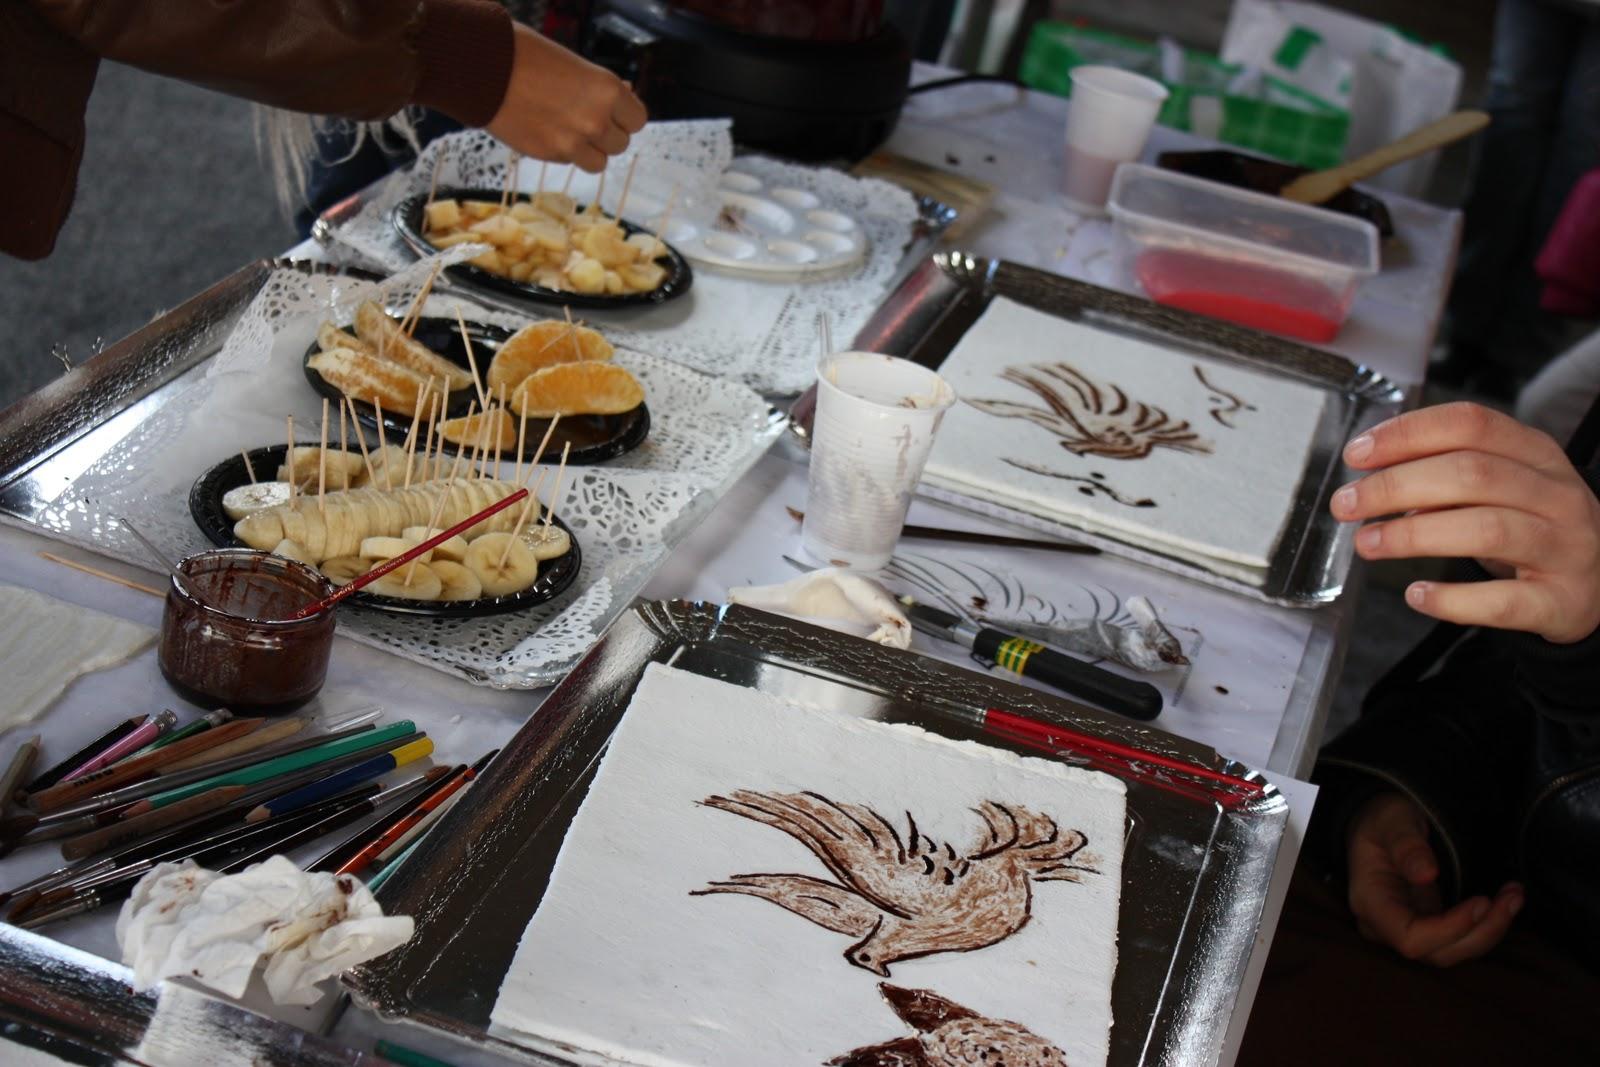 Semaine du go t c 39 est chocolat arts appliqu s montaleau for Art de la cuisine